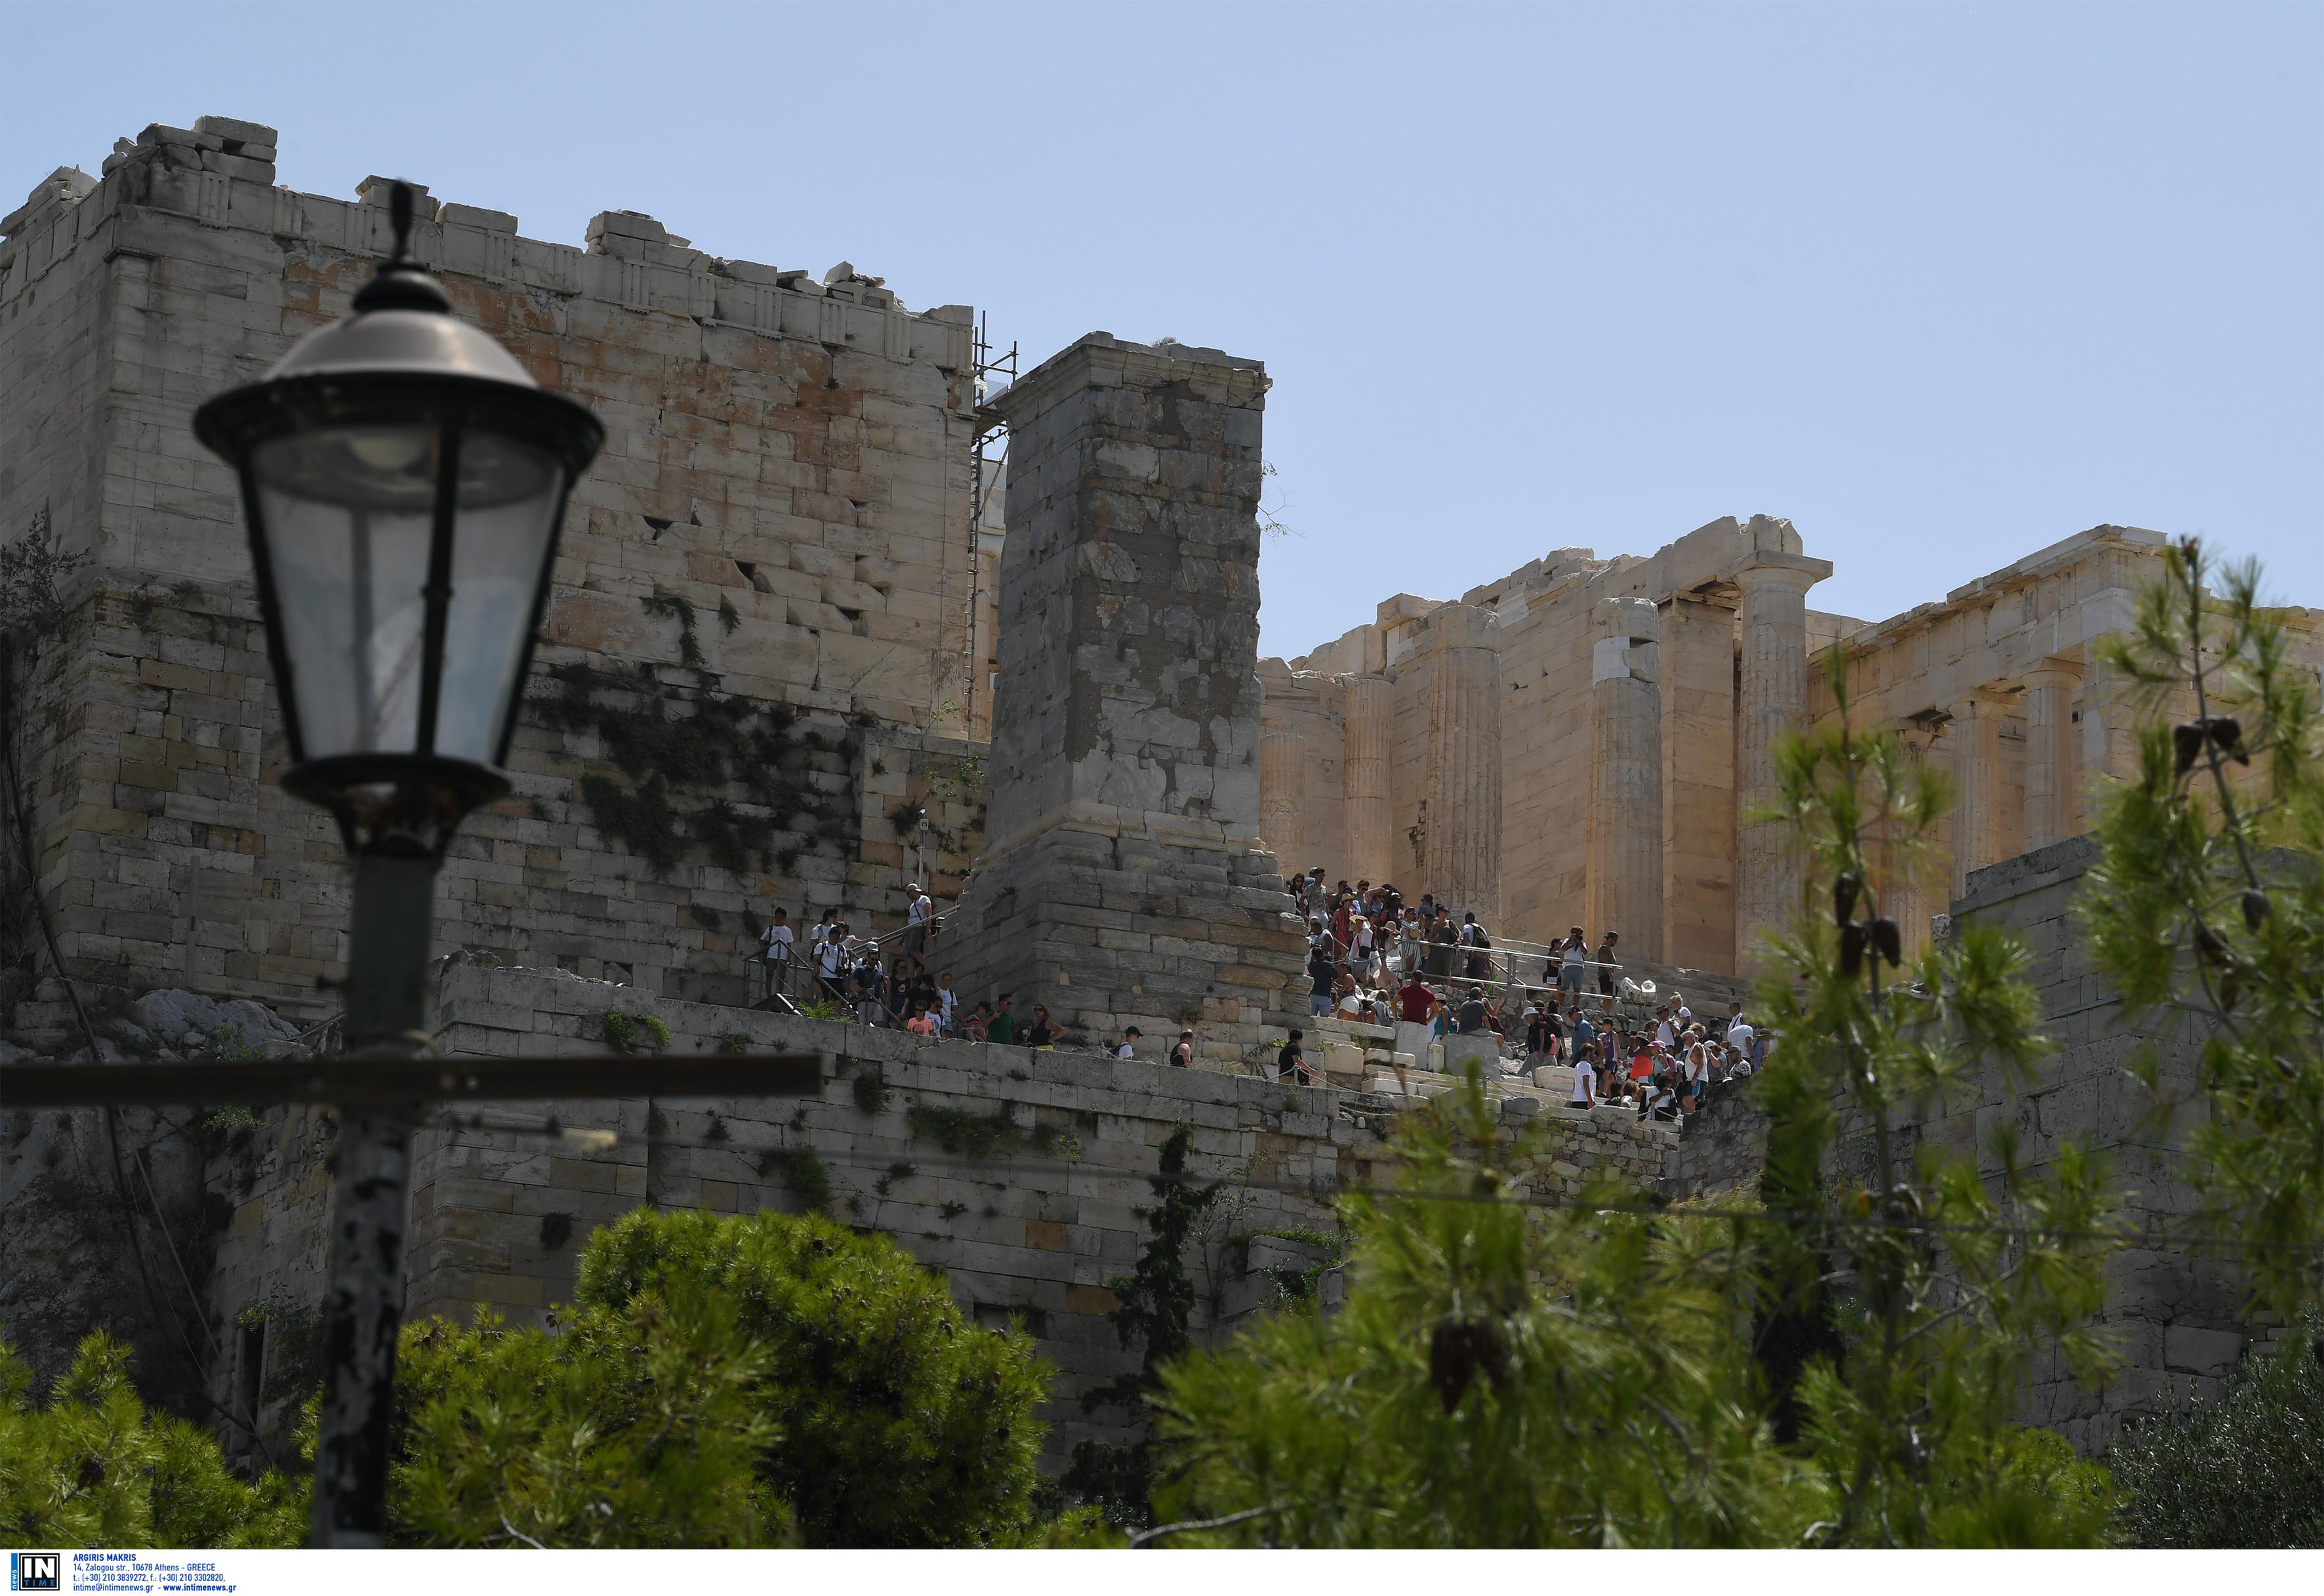 Ο καύσωνας έκλεισε την Ακρόπολη – Ποιες ώρες δεν θα είναι ανοικτή για το κοινό